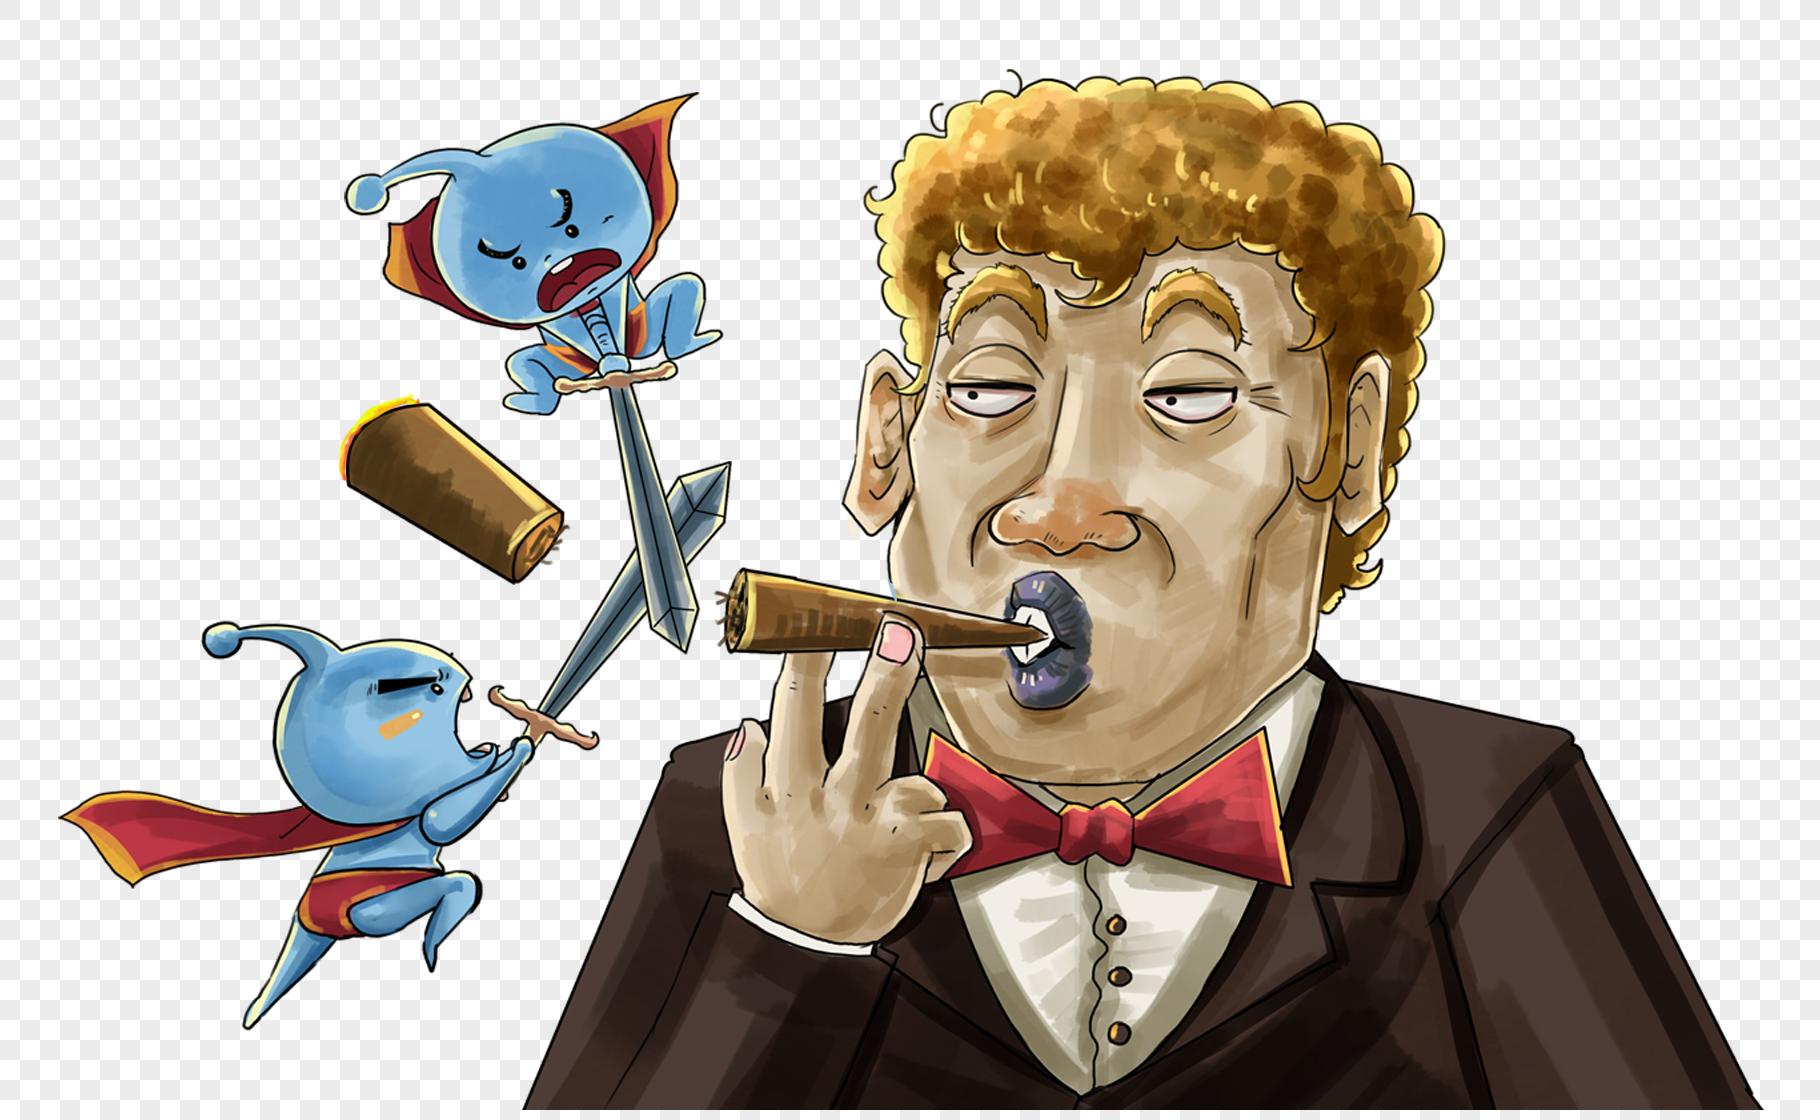 图片 素材 手绘/卡通元素 戒烟.